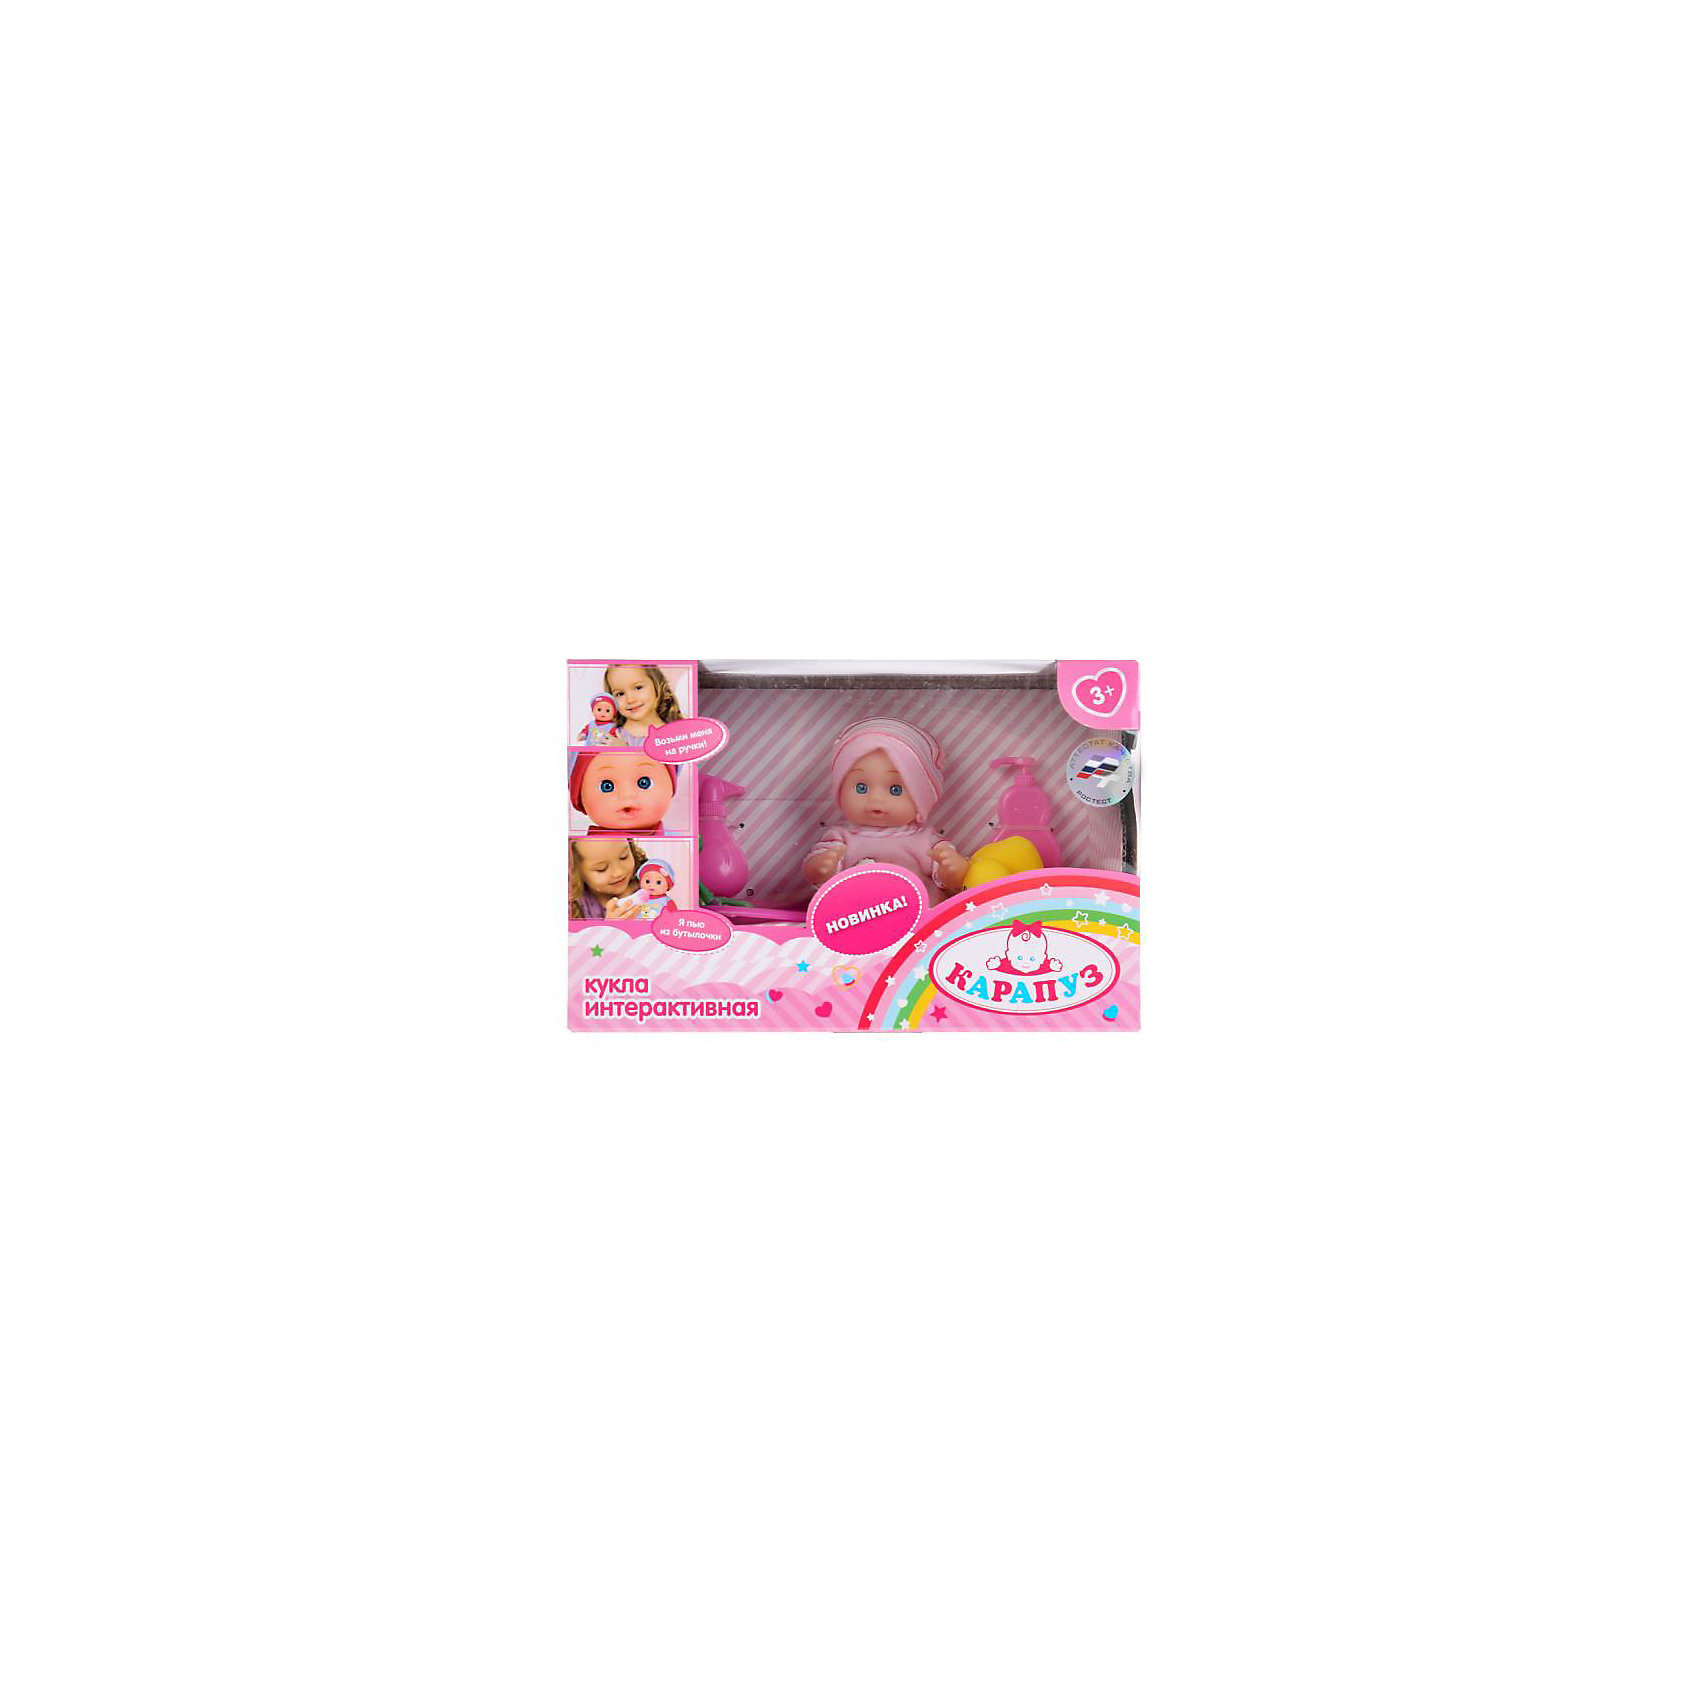 Пупс 15 см 3 функции, пьет и писает, в ванночке, с аксессуарами, КарапузКуклы-пупсы<br>Пупс 15 см в ванночке. Можно купать. Пупс пьет и писает. В комплект входит бутылочка,  принадлежности по уходу за пупсом и игрушка для купания.<br><br>Ширина мм: 120<br>Глубина мм: 140<br>Высота мм: 210<br>Вес г: 260<br>Возраст от месяцев: 36<br>Возраст до месяцев: 84<br>Пол: Женский<br>Возраст: Детский<br>SKU: 5420415